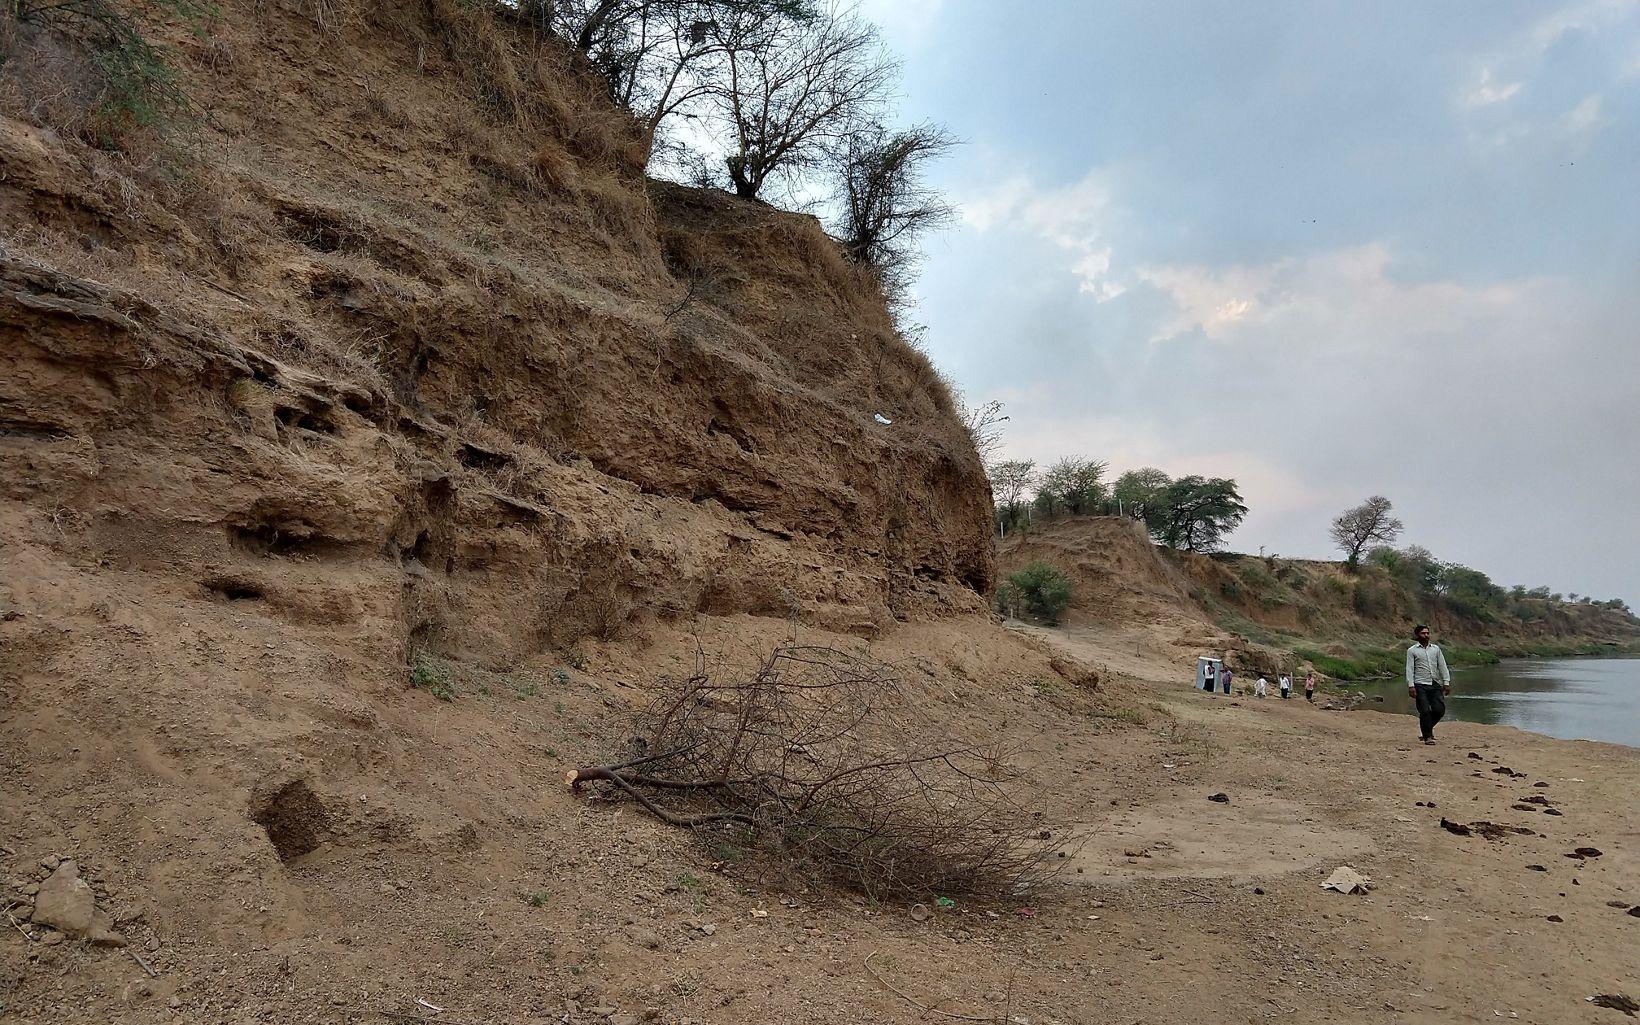 on the banks of River Narmada